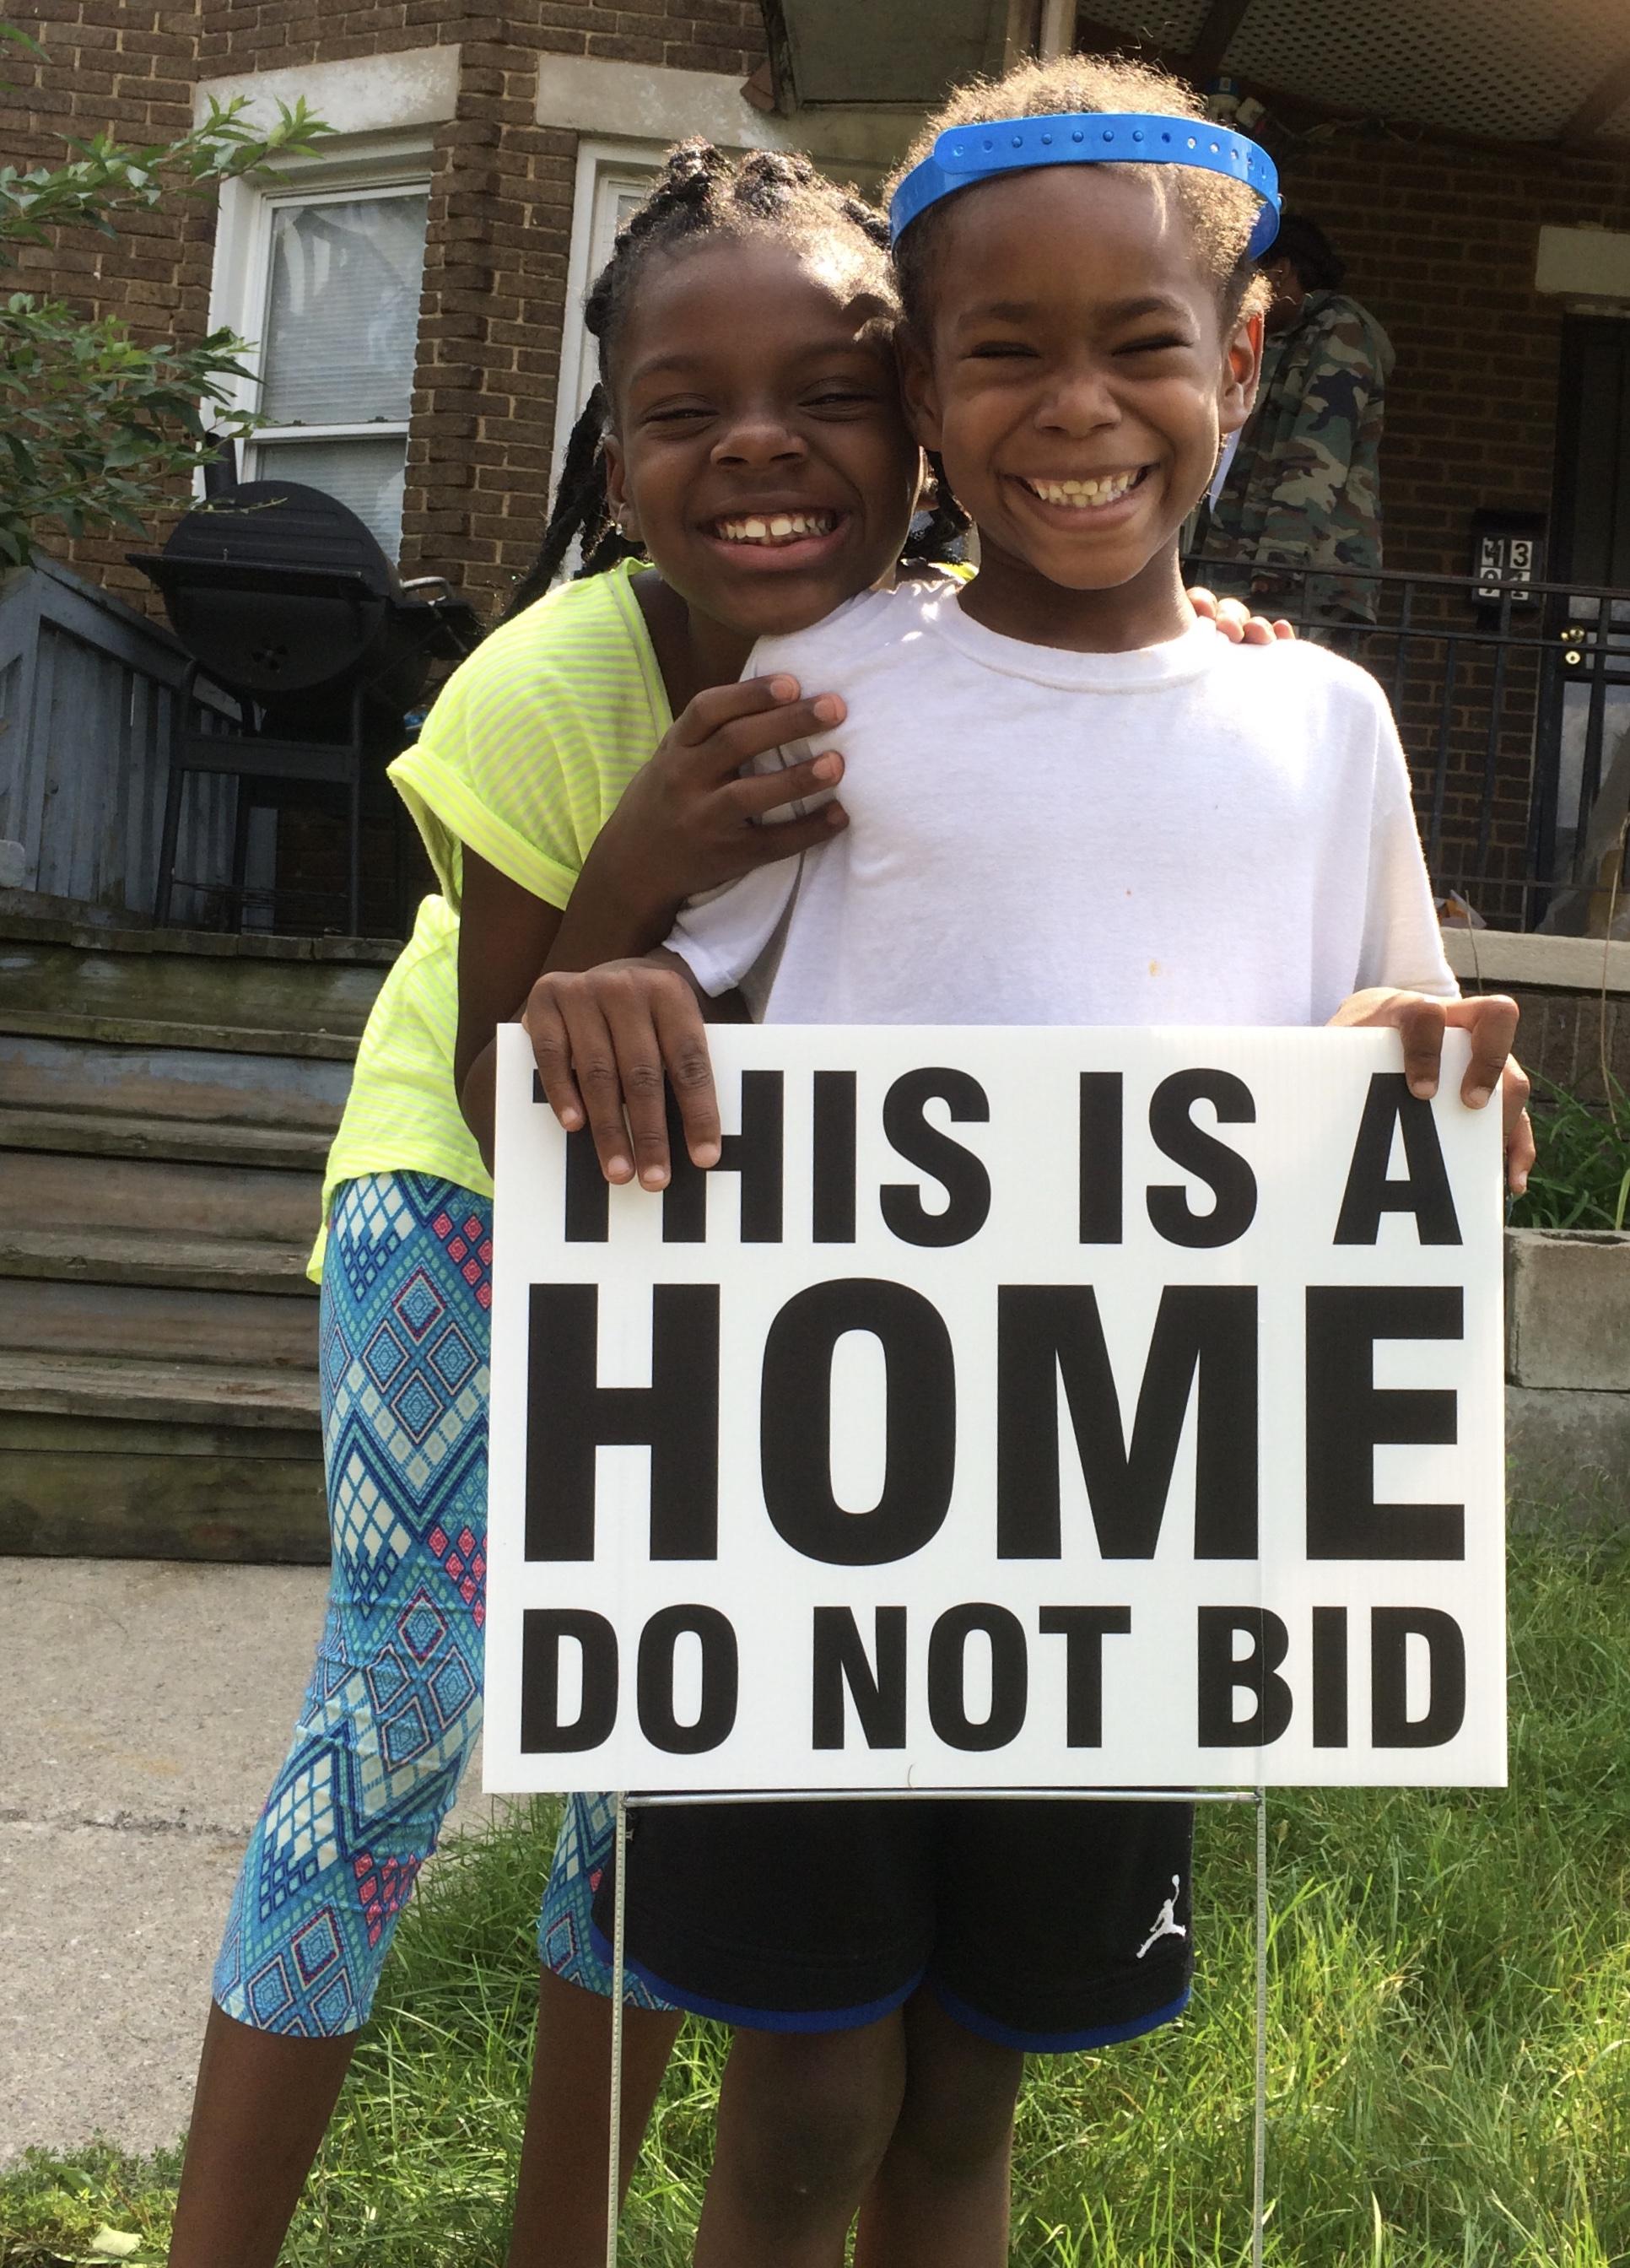 Not a bid